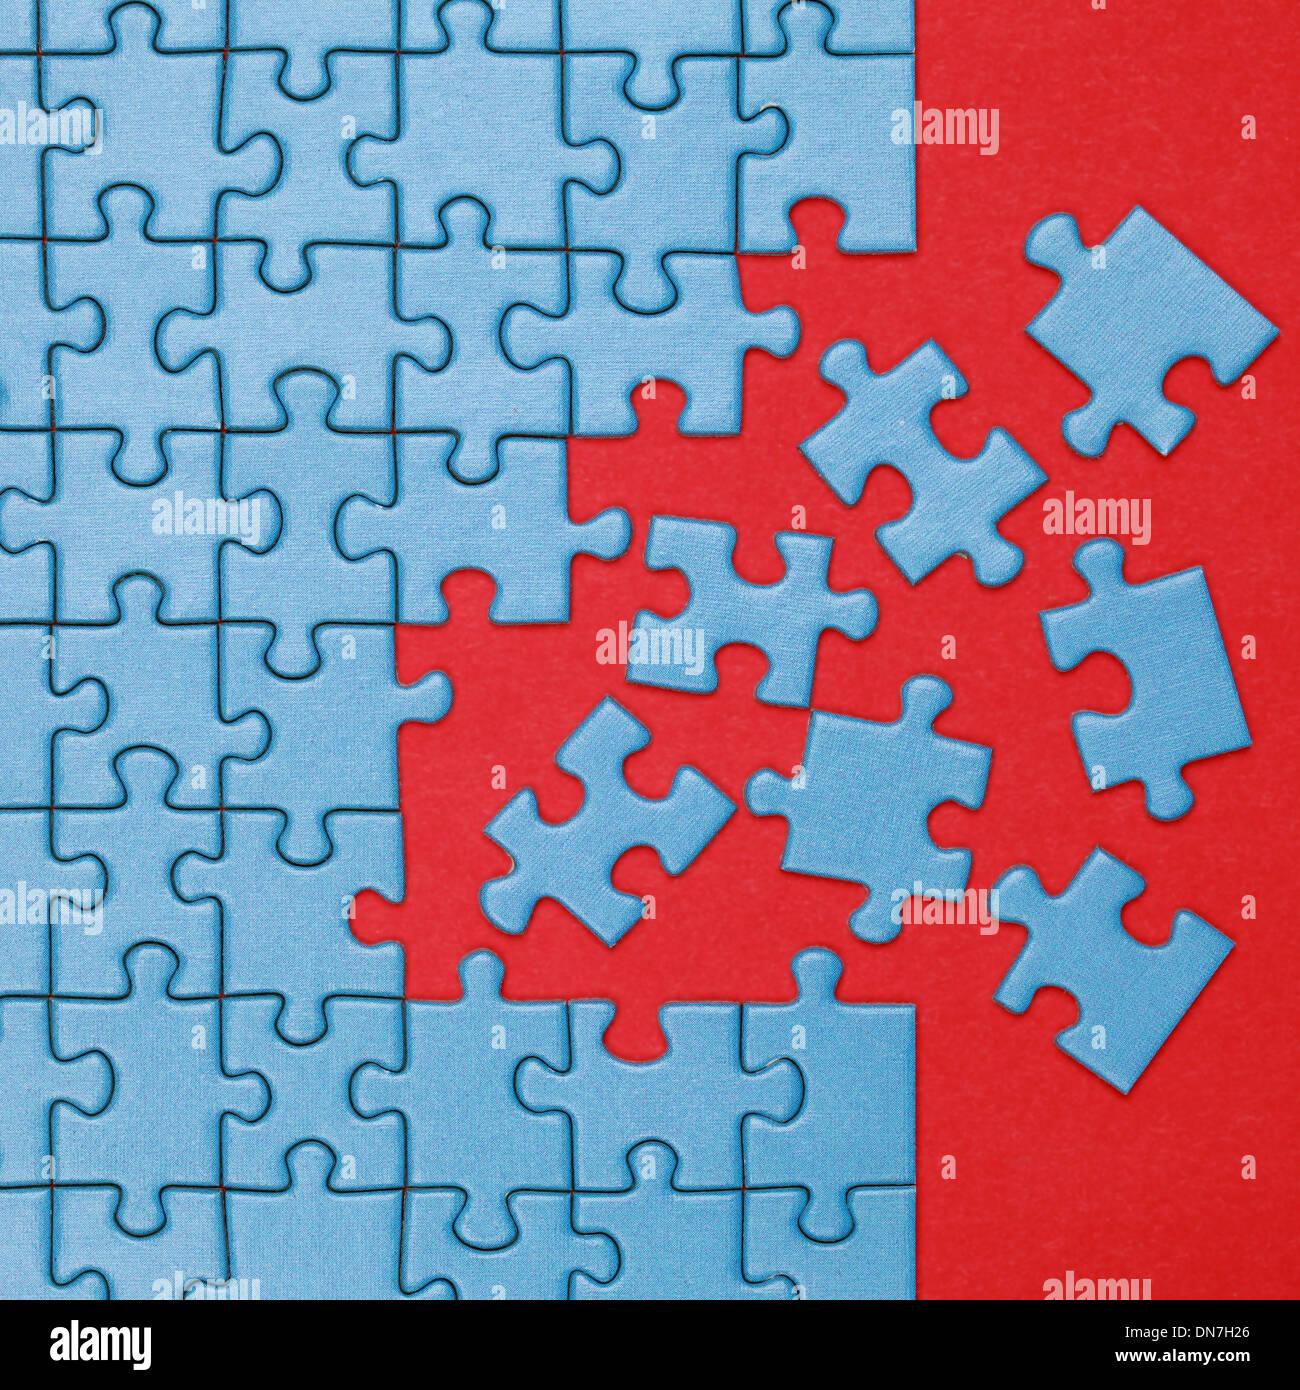 Pezzi di un puzzle da mettere nel posto giusto Immagini Stock